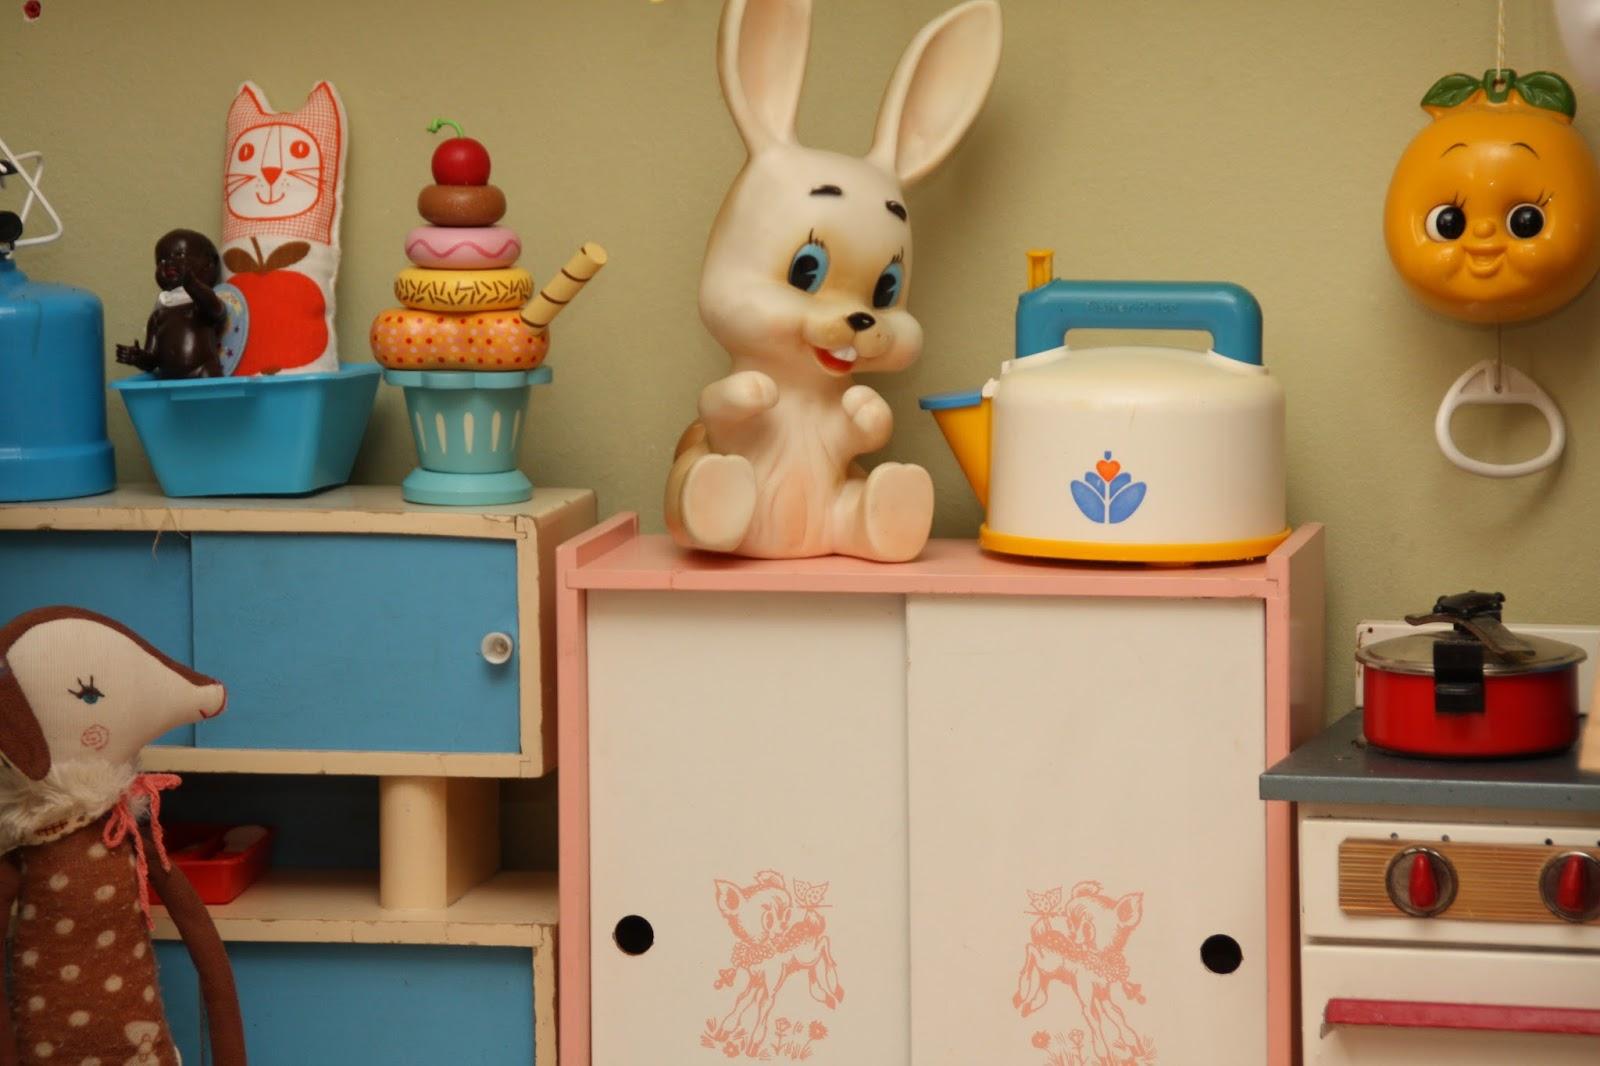 cuisine r tro pour petite fille. Black Bedroom Furniture Sets. Home Design Ideas